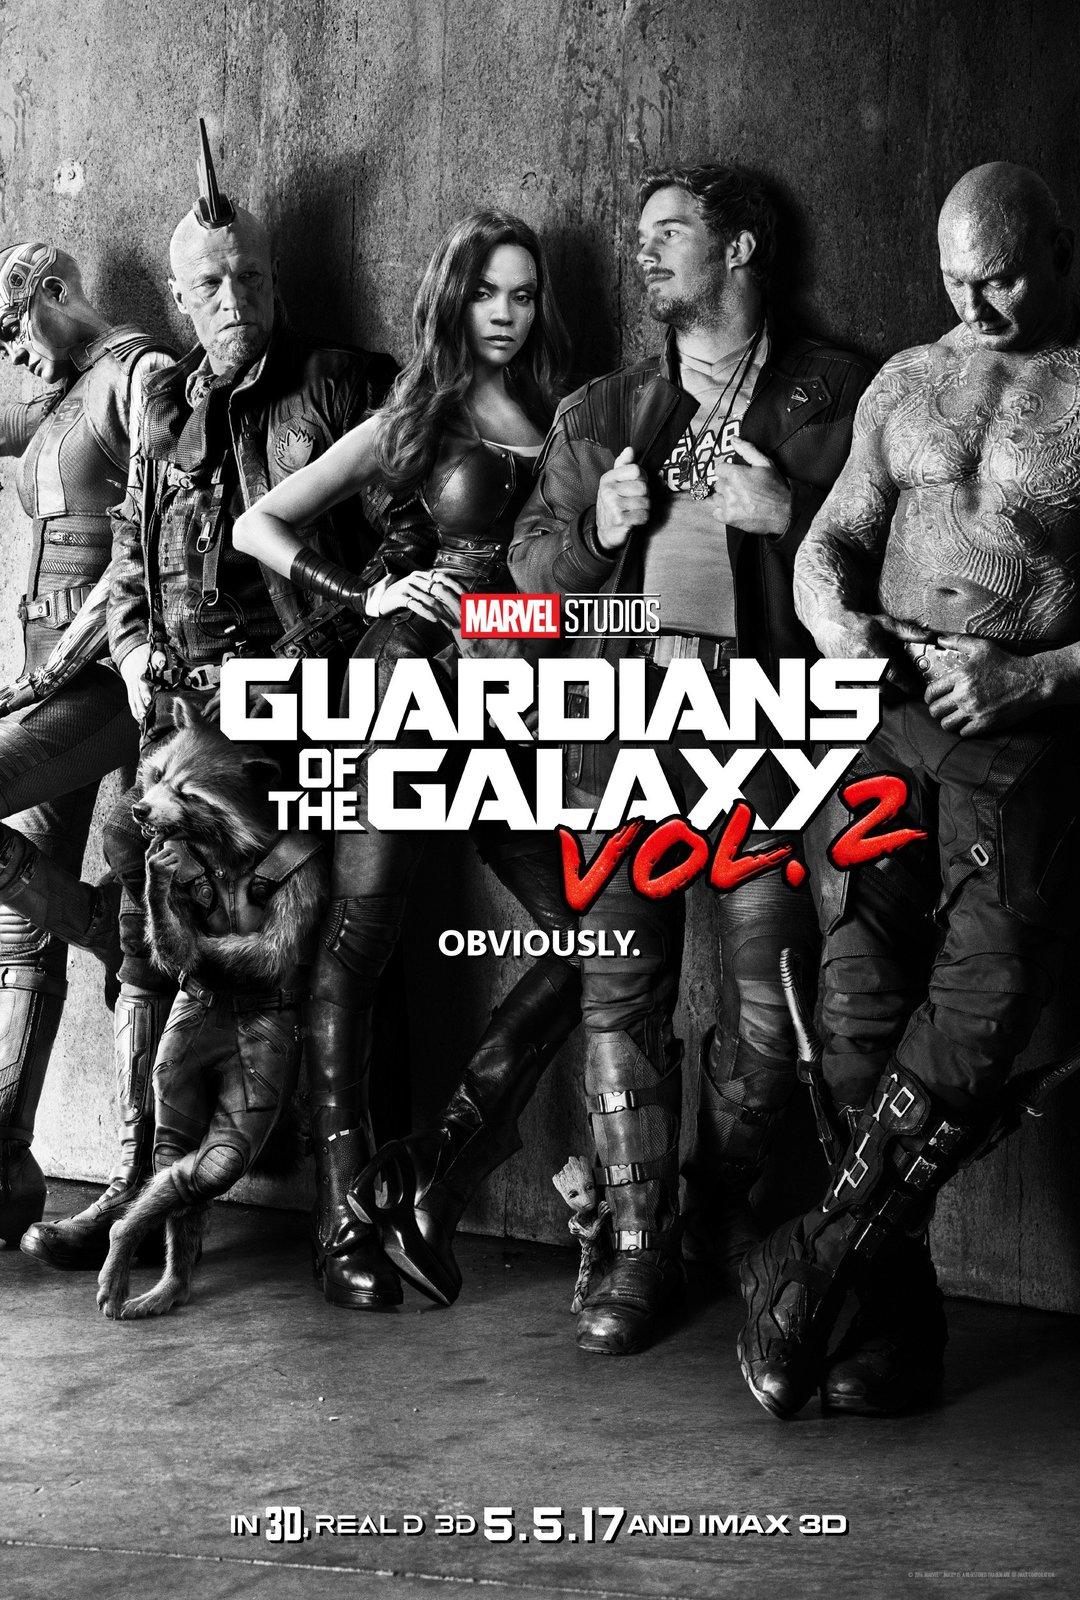 """《银河护卫队 2》归来,这次的画风依旧很""""星爵""""_娱乐_好奇心日报"""